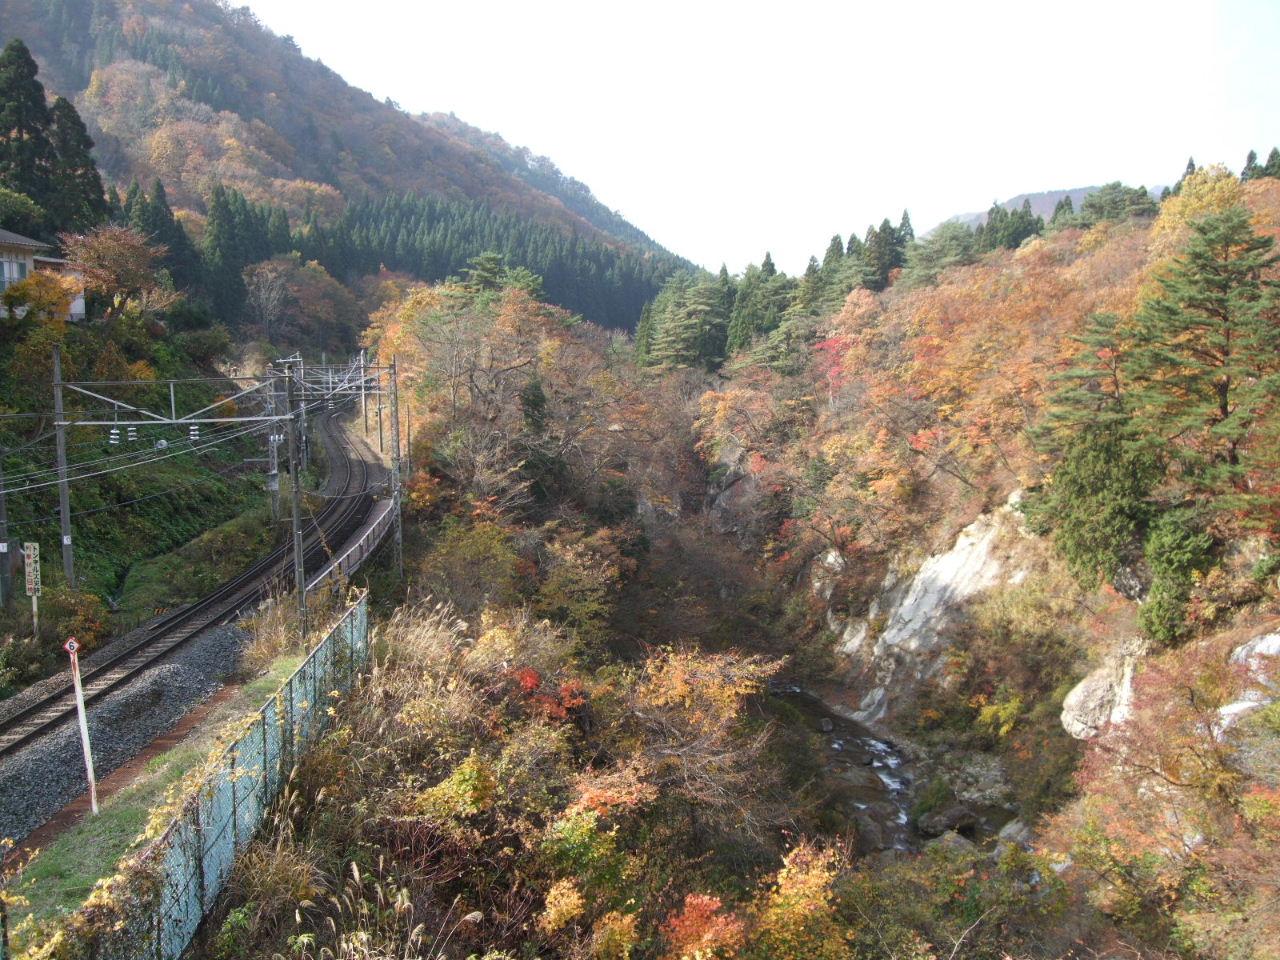 トンネルの向こうは青空だった@天童高原へ_f0100593_15545879.jpg